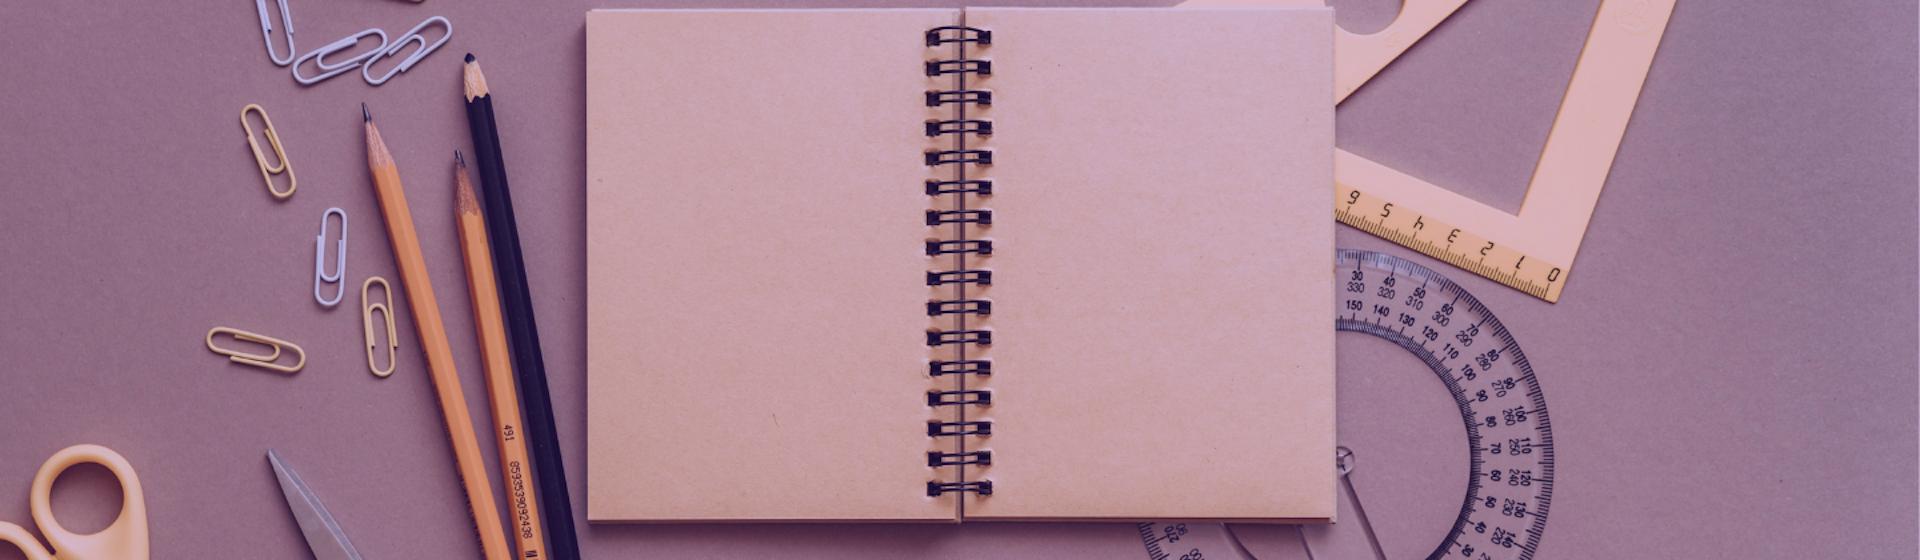 Emprende desde casa: Los mejores consejos para iniciar una papelería